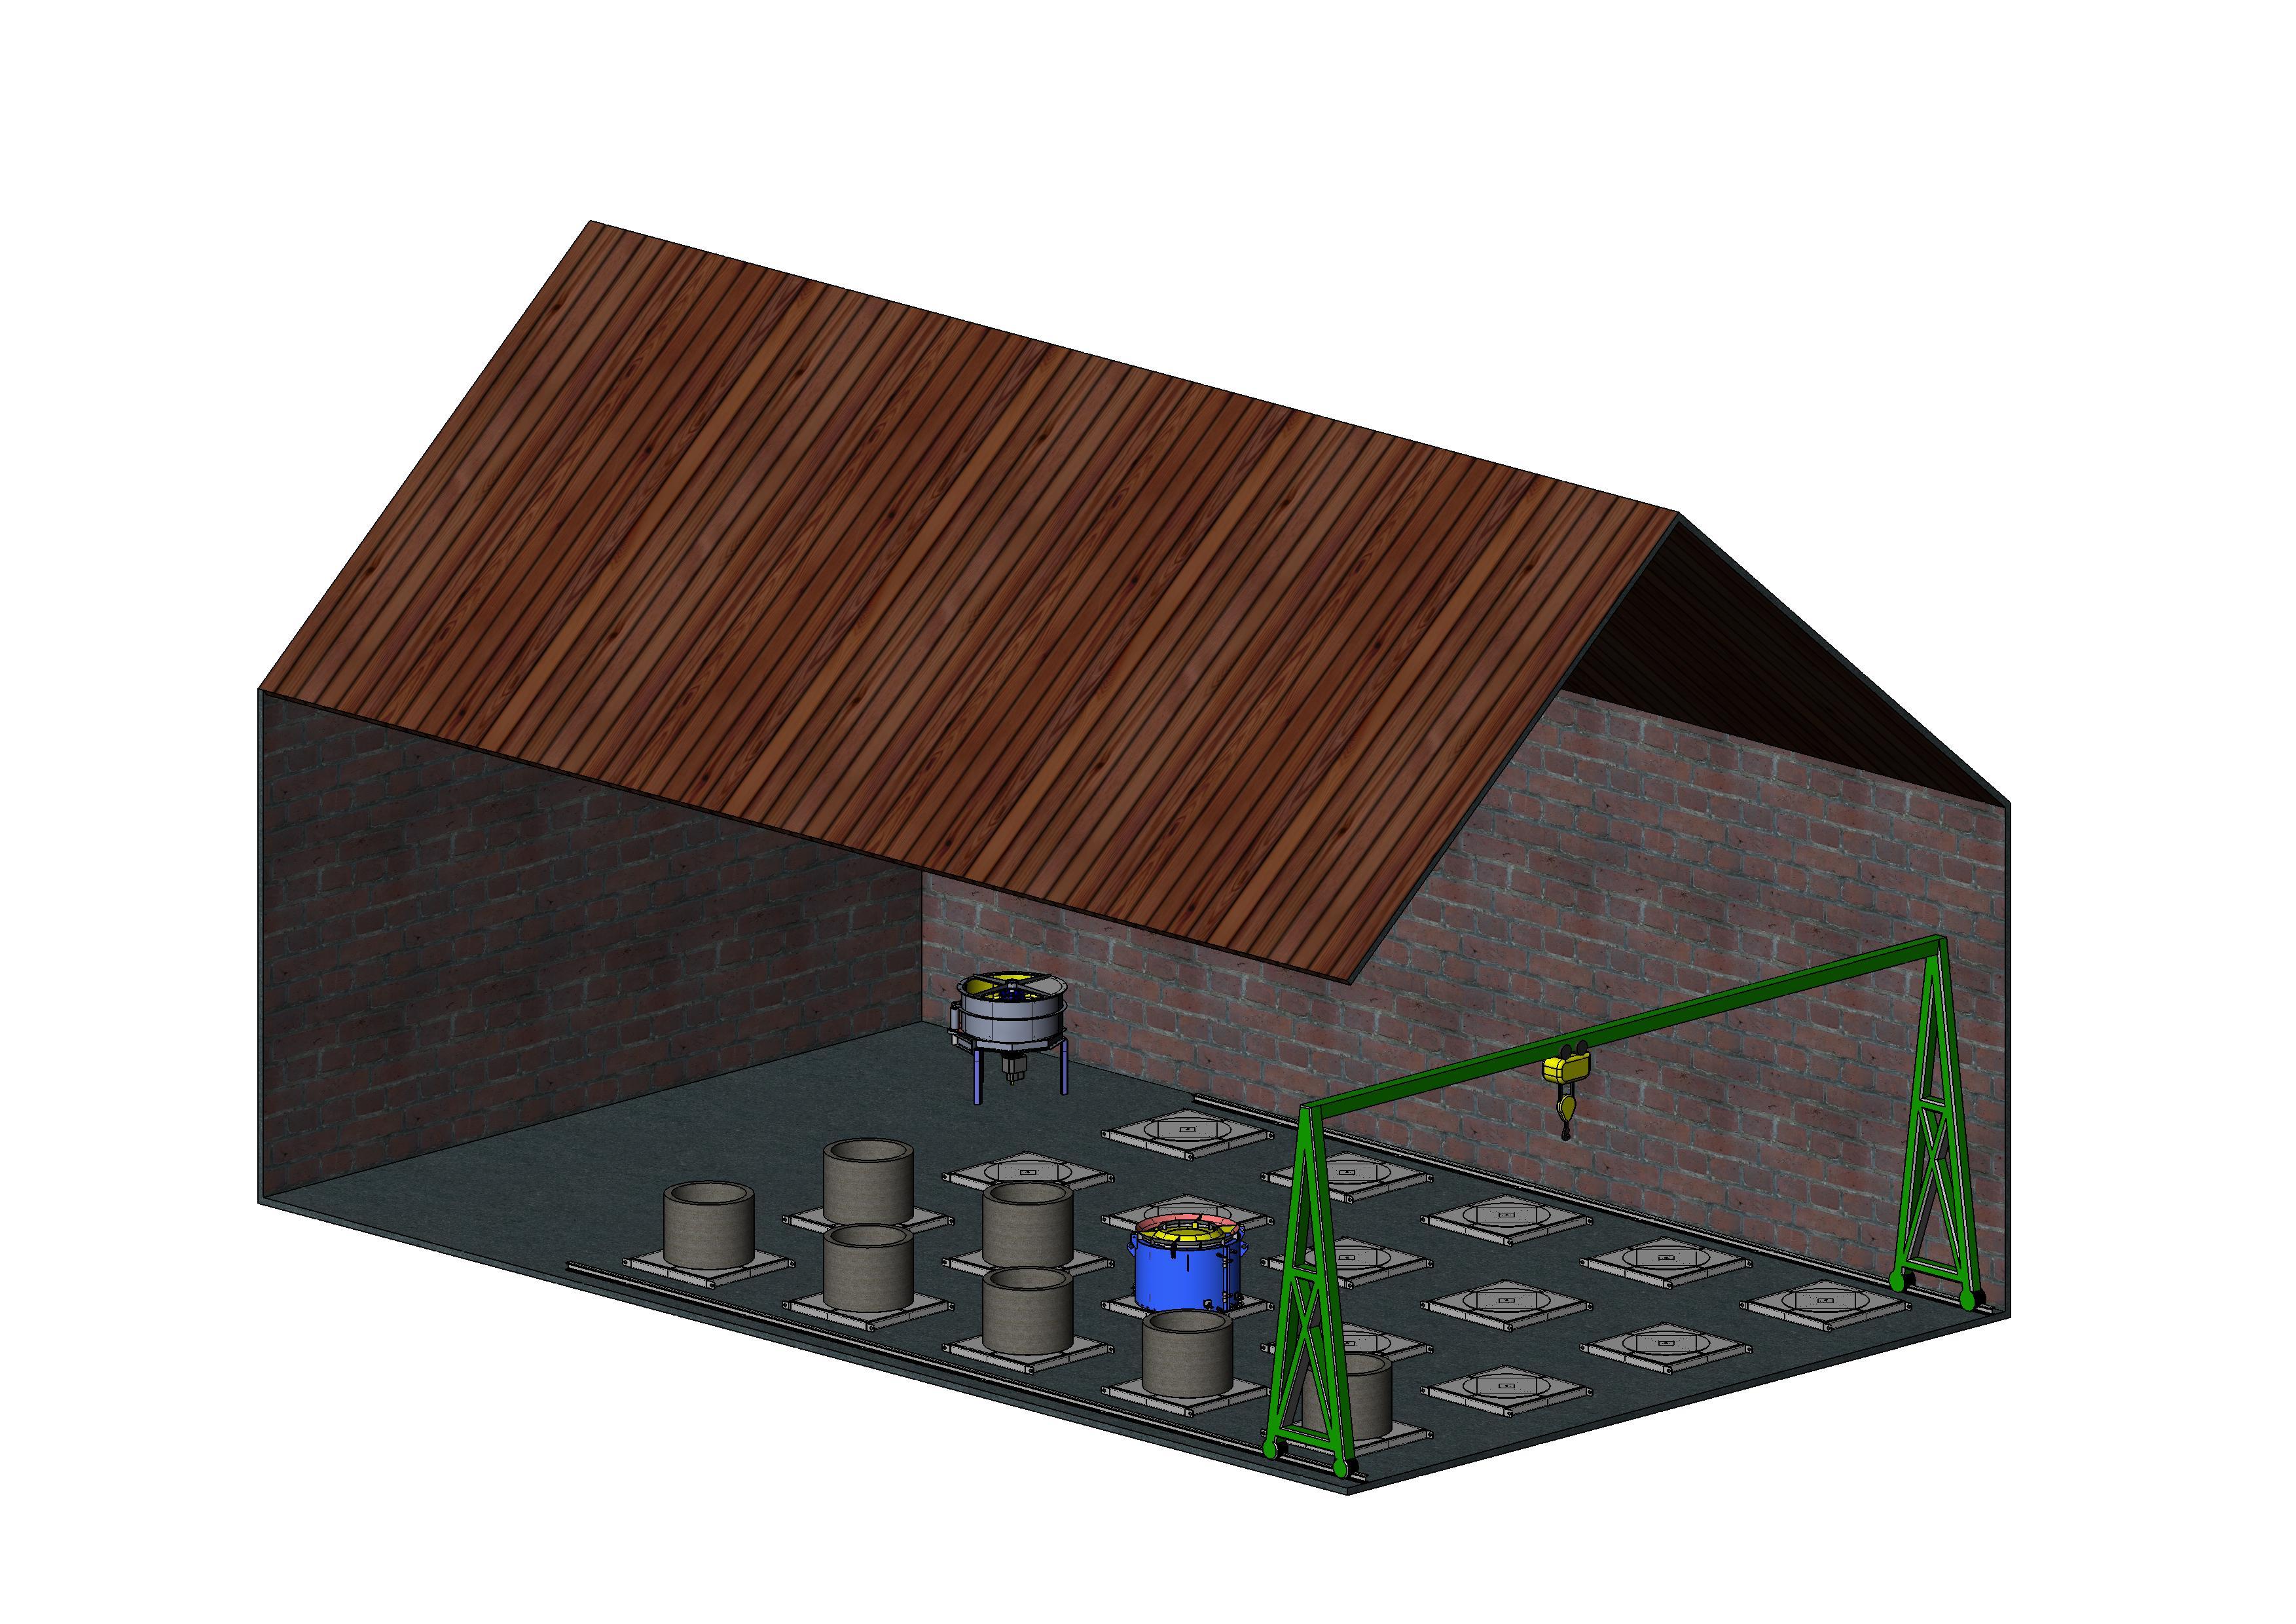 Начальный запас материалов желательно купить на 1 месяц. Для производства  колодезных колец понадобится следующее оборудование  df111687dfb